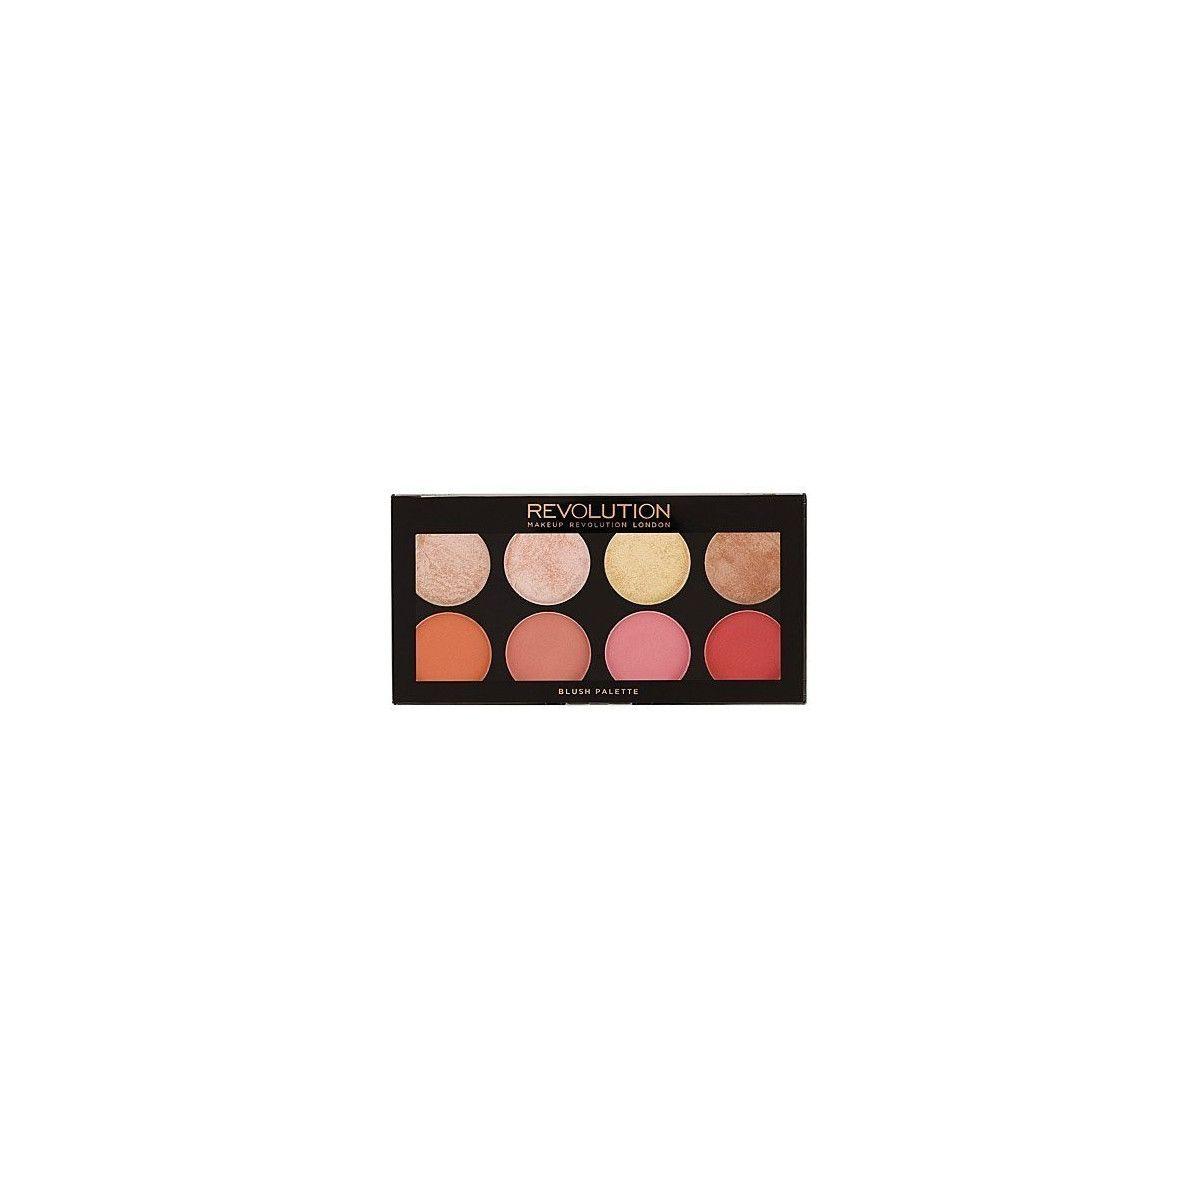 Makeup Revolution Palette Blush Goddess, rewelacyjna paleta róży i rozświetlaczy do policzków